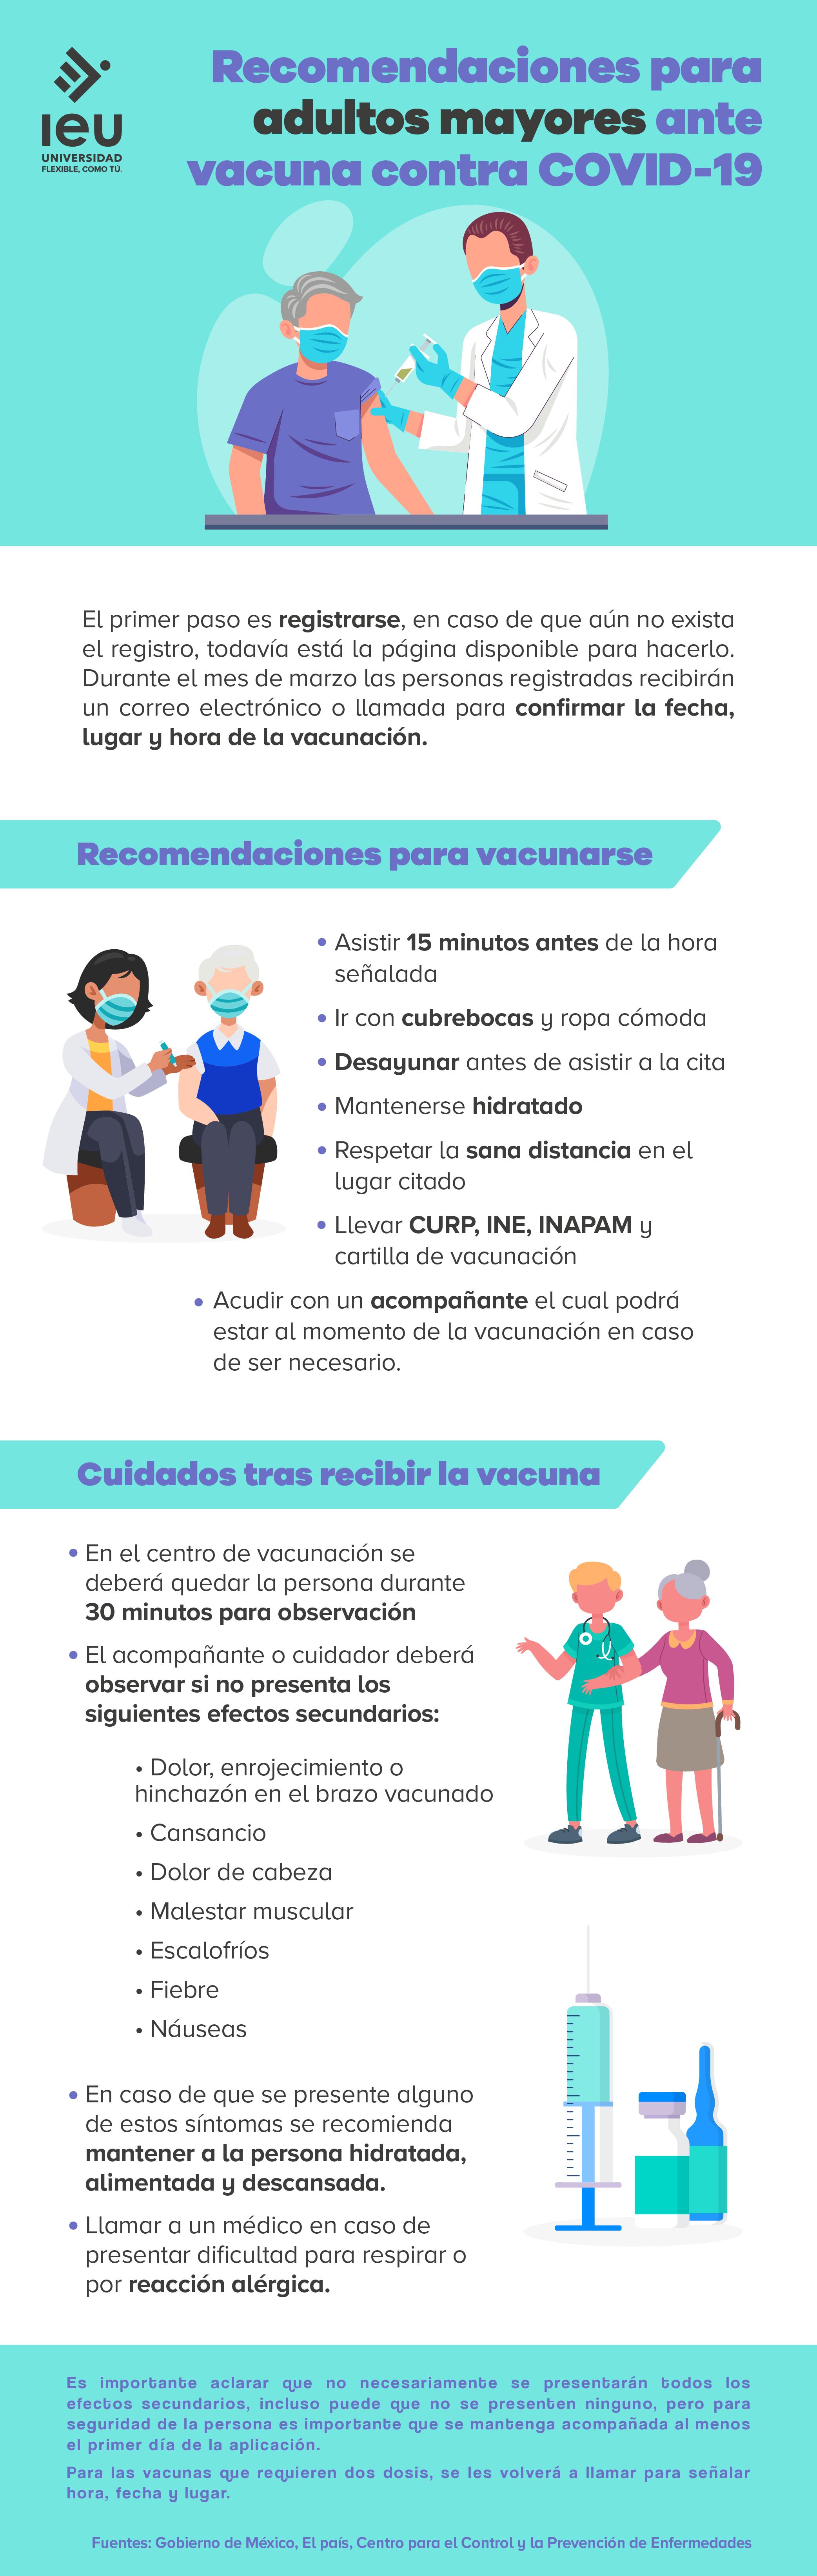 recomendaciones para adultos mayores ante vacuna contra covid 19 infografia